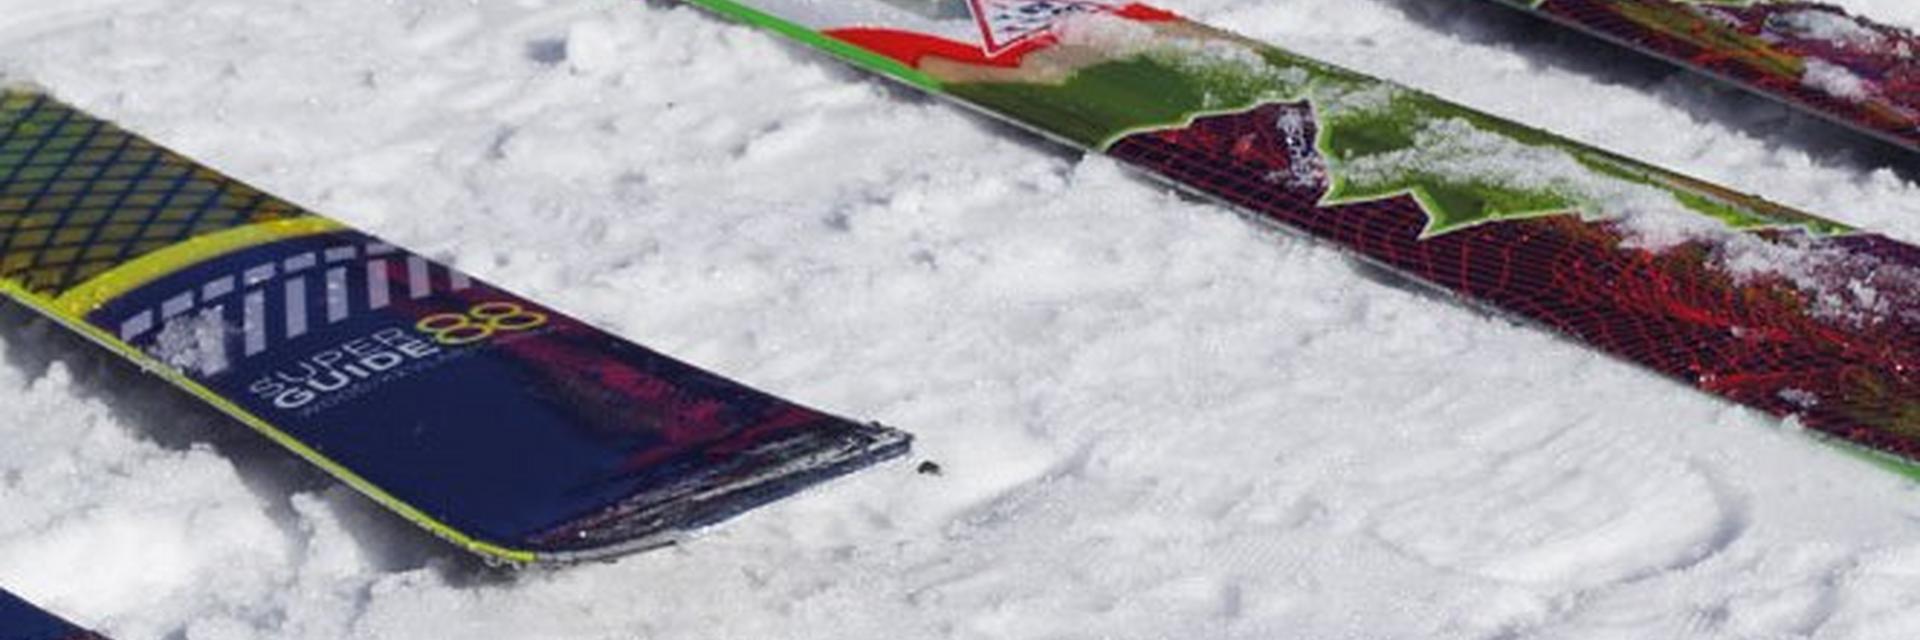 Diverse Tourenski, die im Schnee liegen.